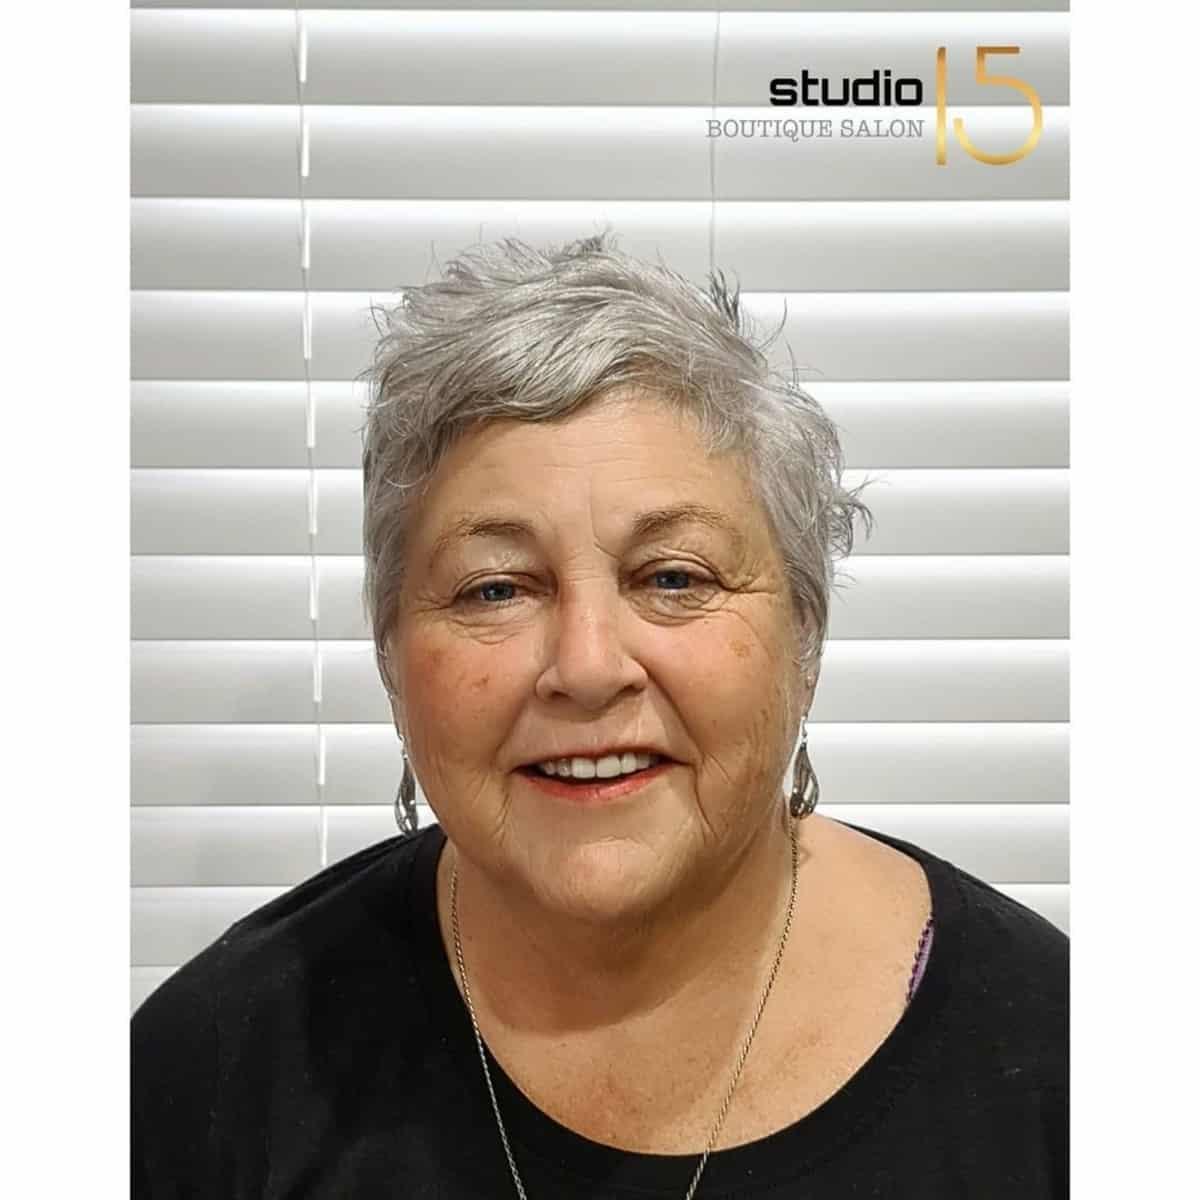 Pixie très courte pour les femmes de plus de 60 ans au visage rond